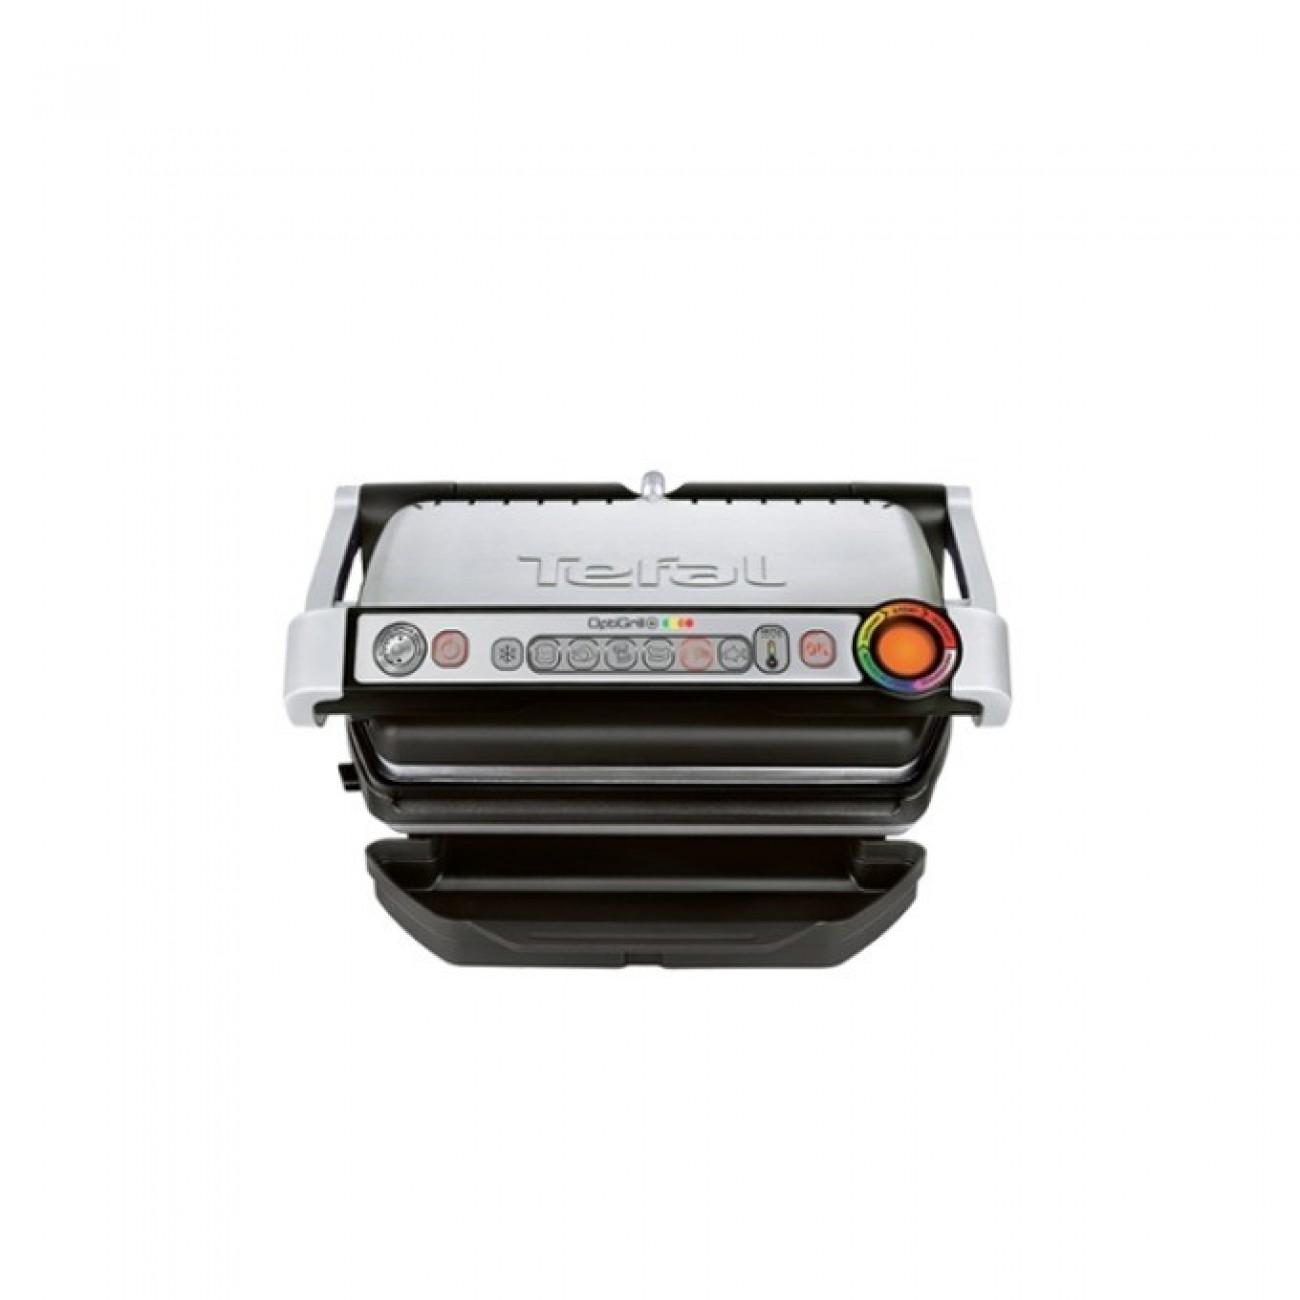 Грил Tefal GC712D34, система за автоматично готвене, сменяеми плочи, 2000W в Електрически скари -  | Alleop